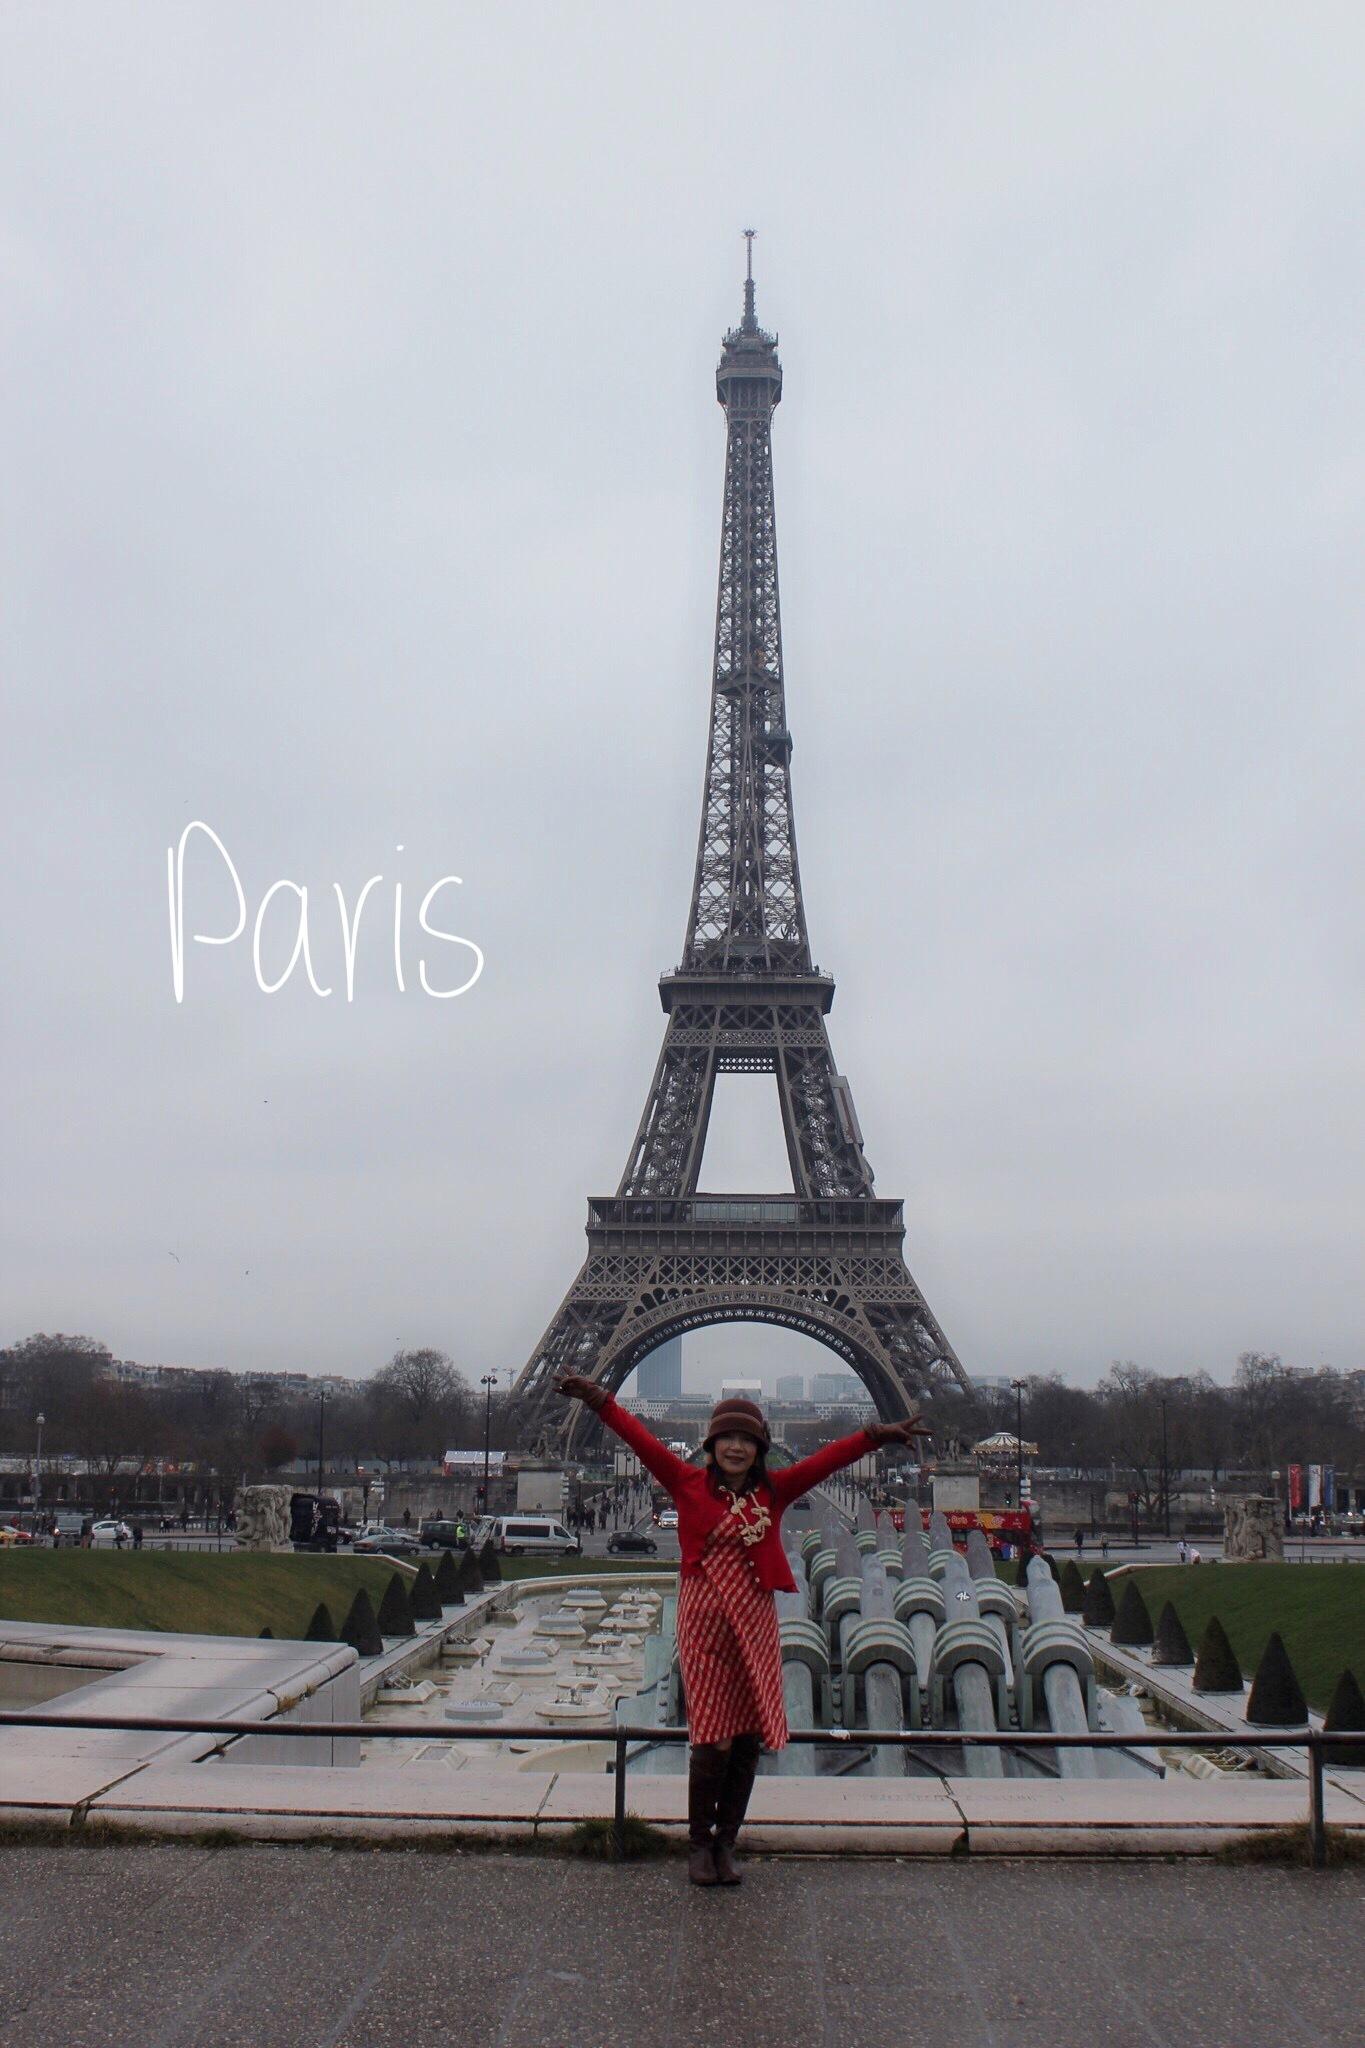 パリから無事帰って来ました〜⸜(* ॑꒳ ॑* )⸝_a0213806_16275647.jpeg